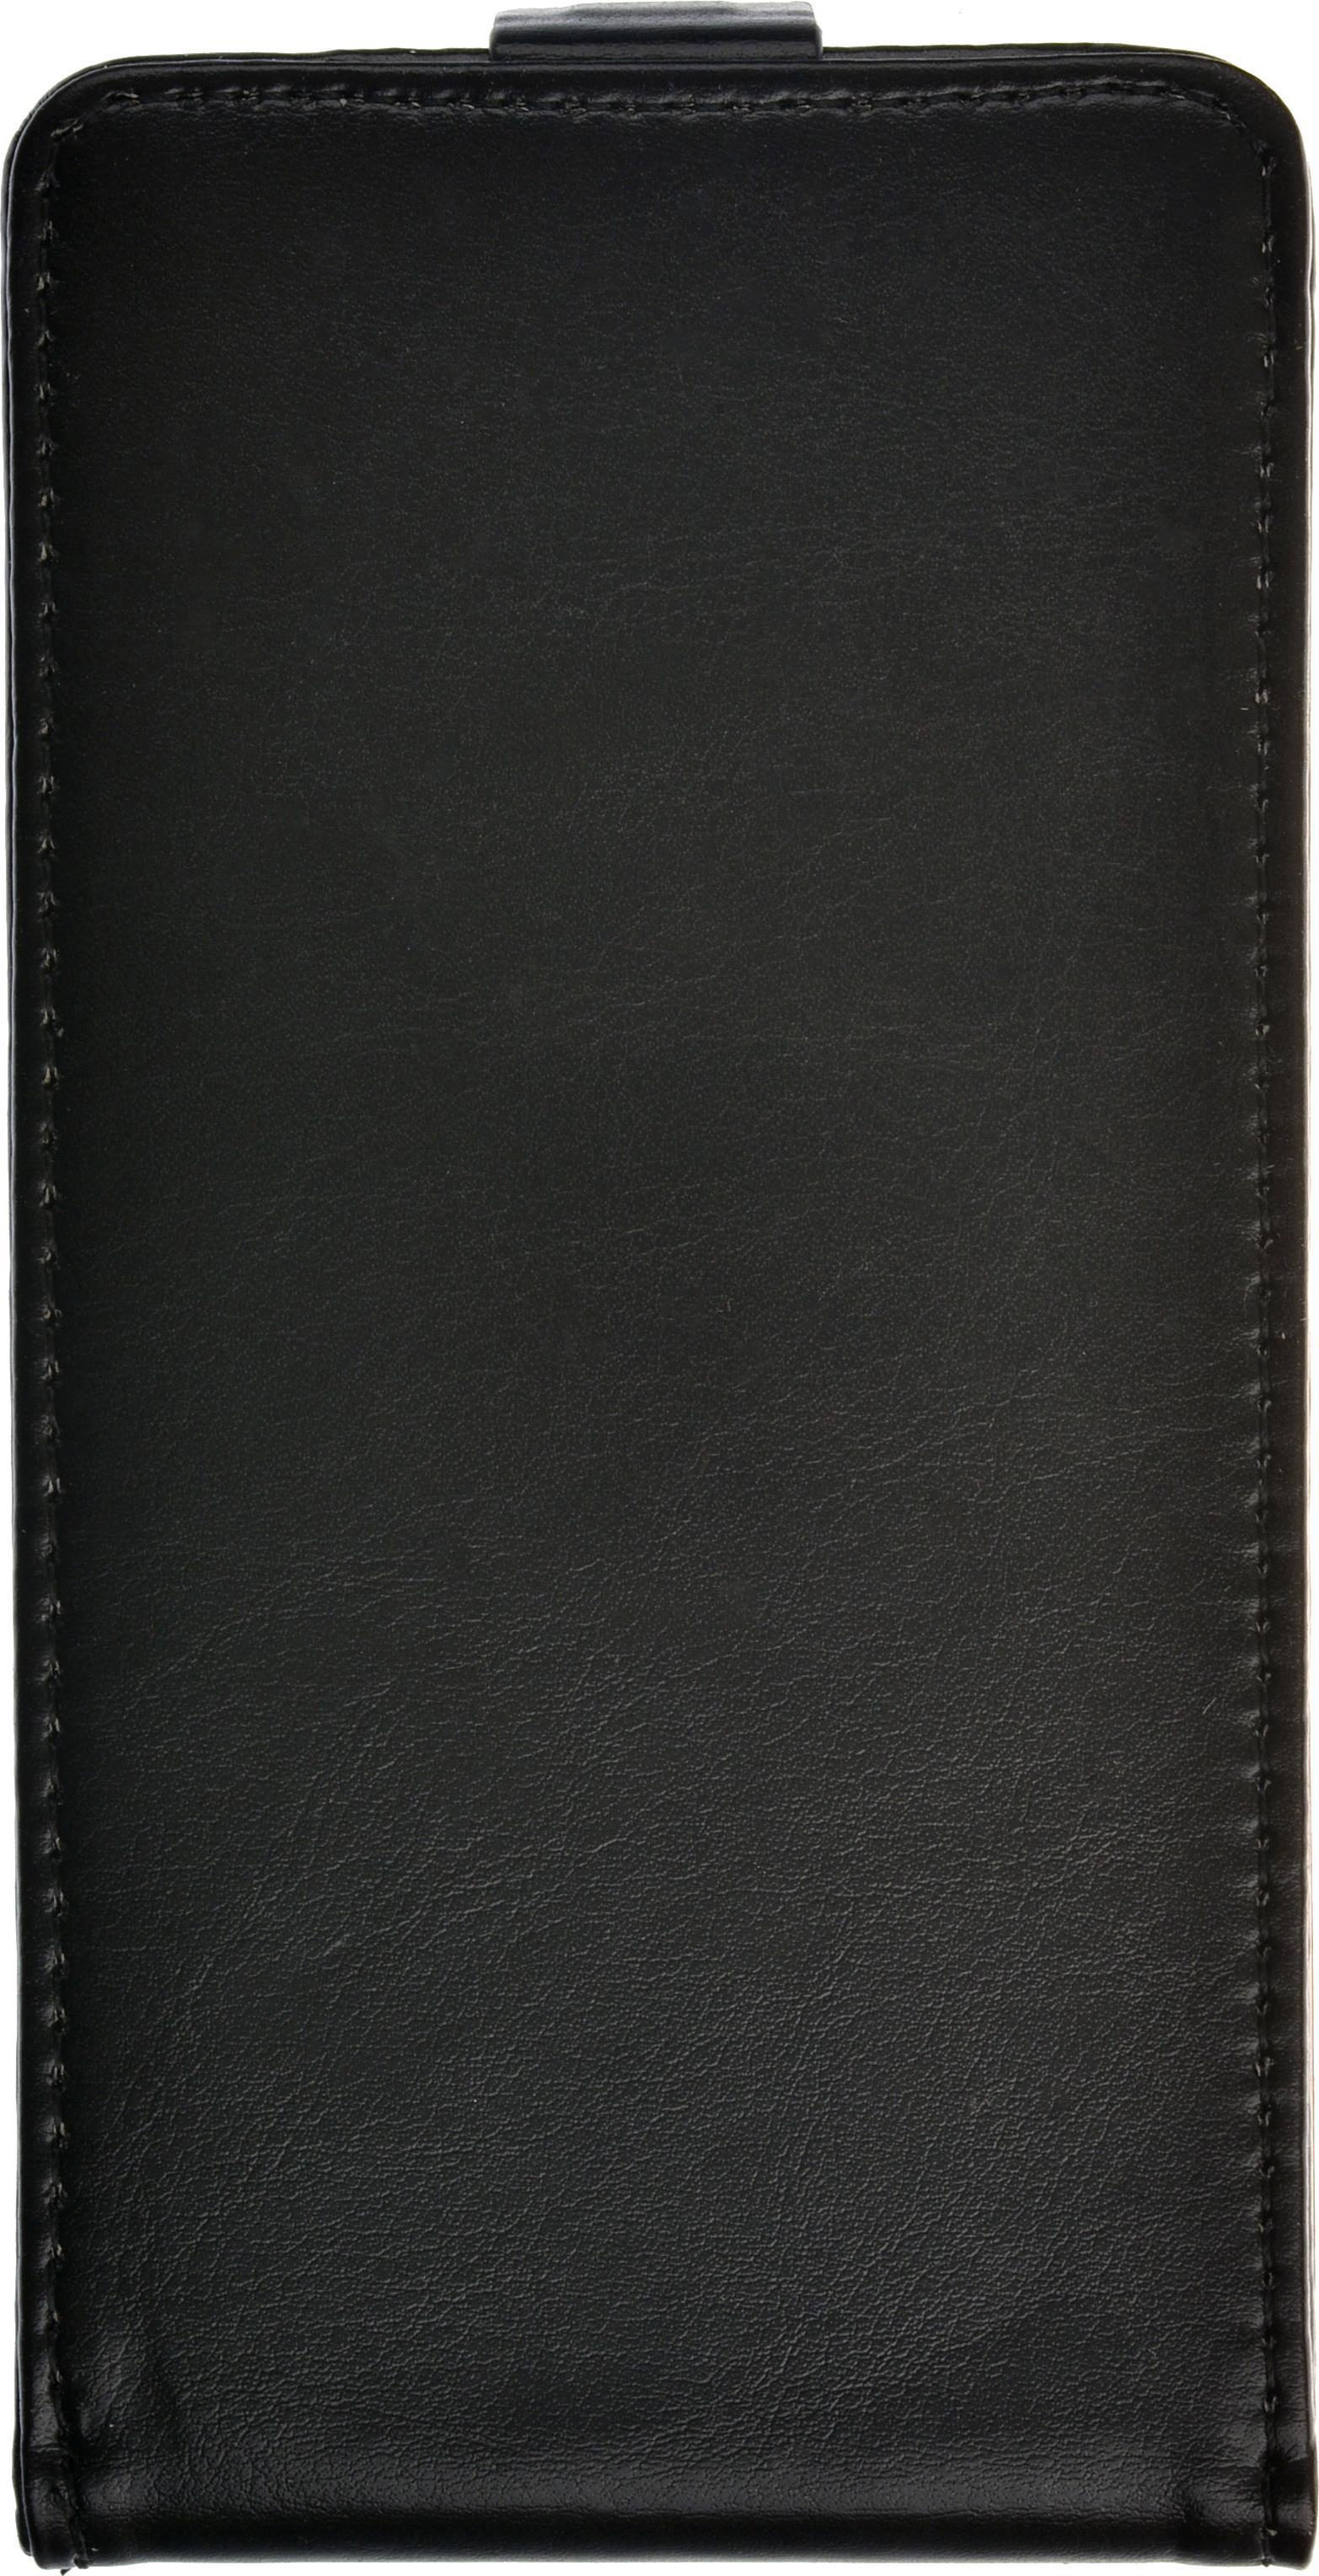 Чехол для сотового телефона skinBOX 4People, 4630042526303, черный стоимость